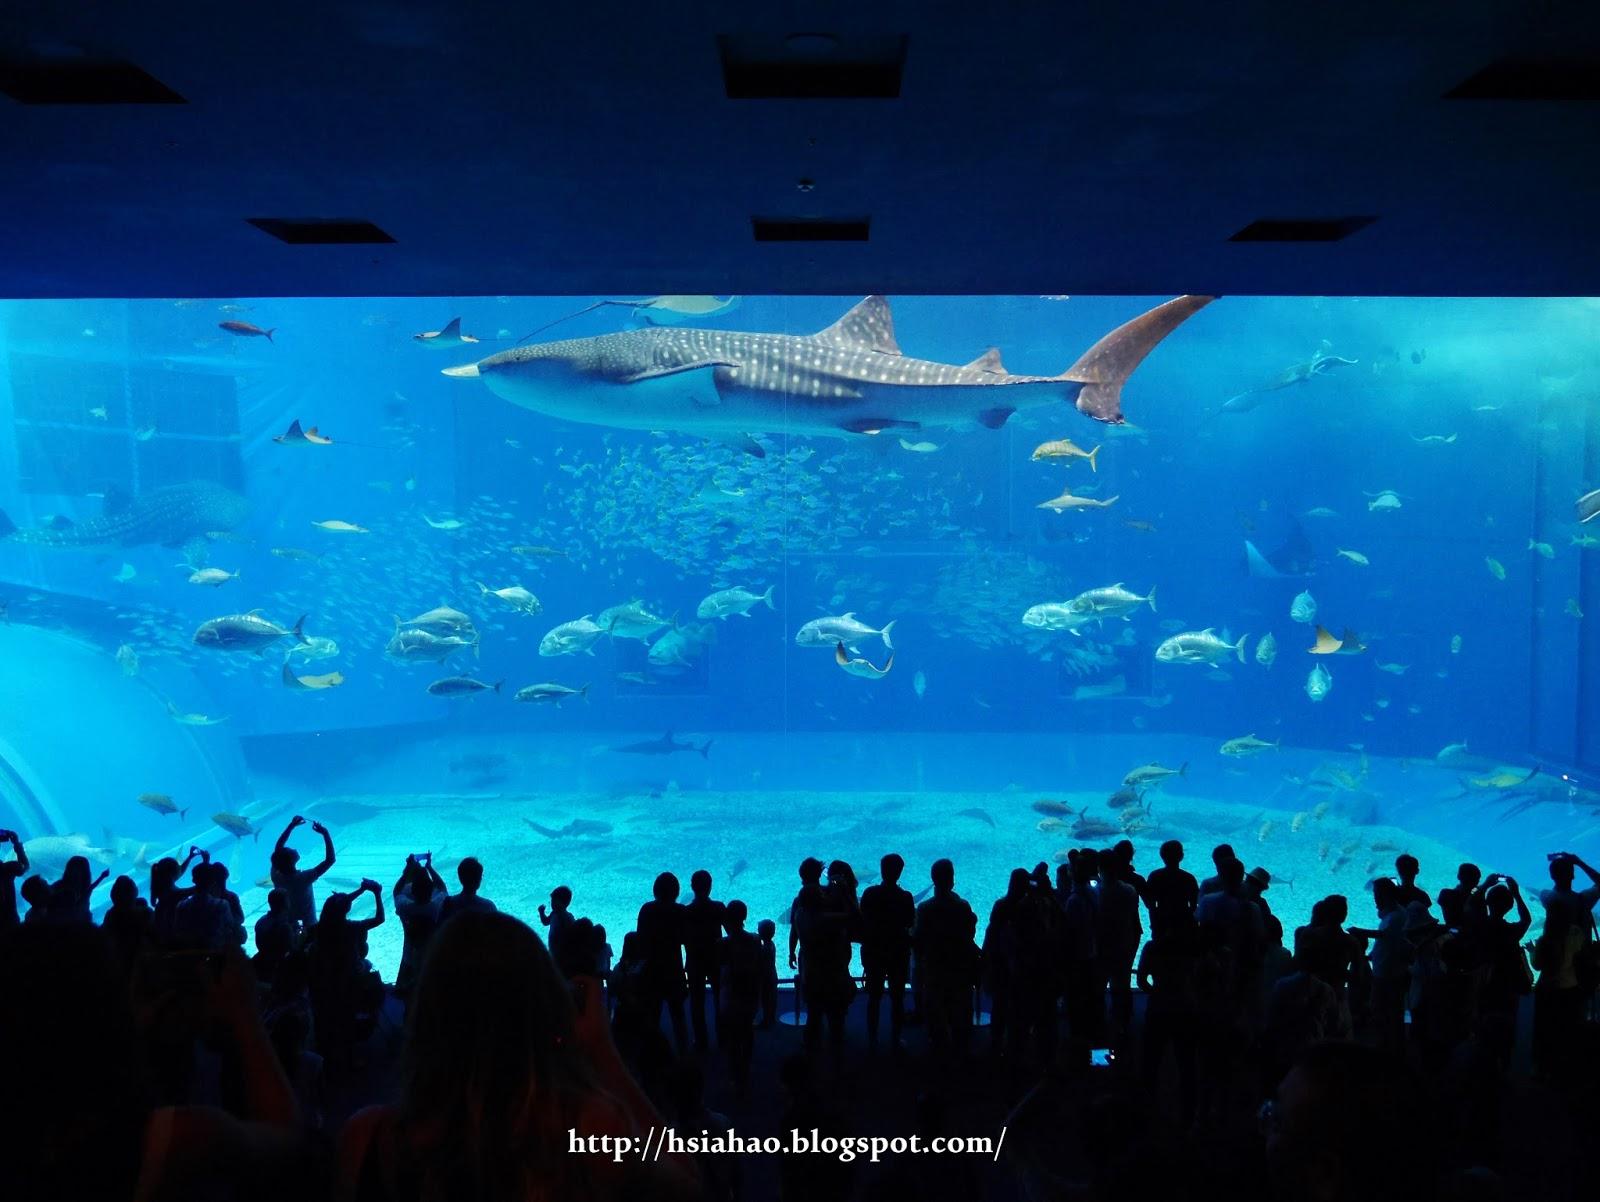 沖繩-海洋博公園-美麗海水族館-黑潮之海-景點-自由行-旅遊-旅行-okinawa-ocean-expo-park-Churaumi